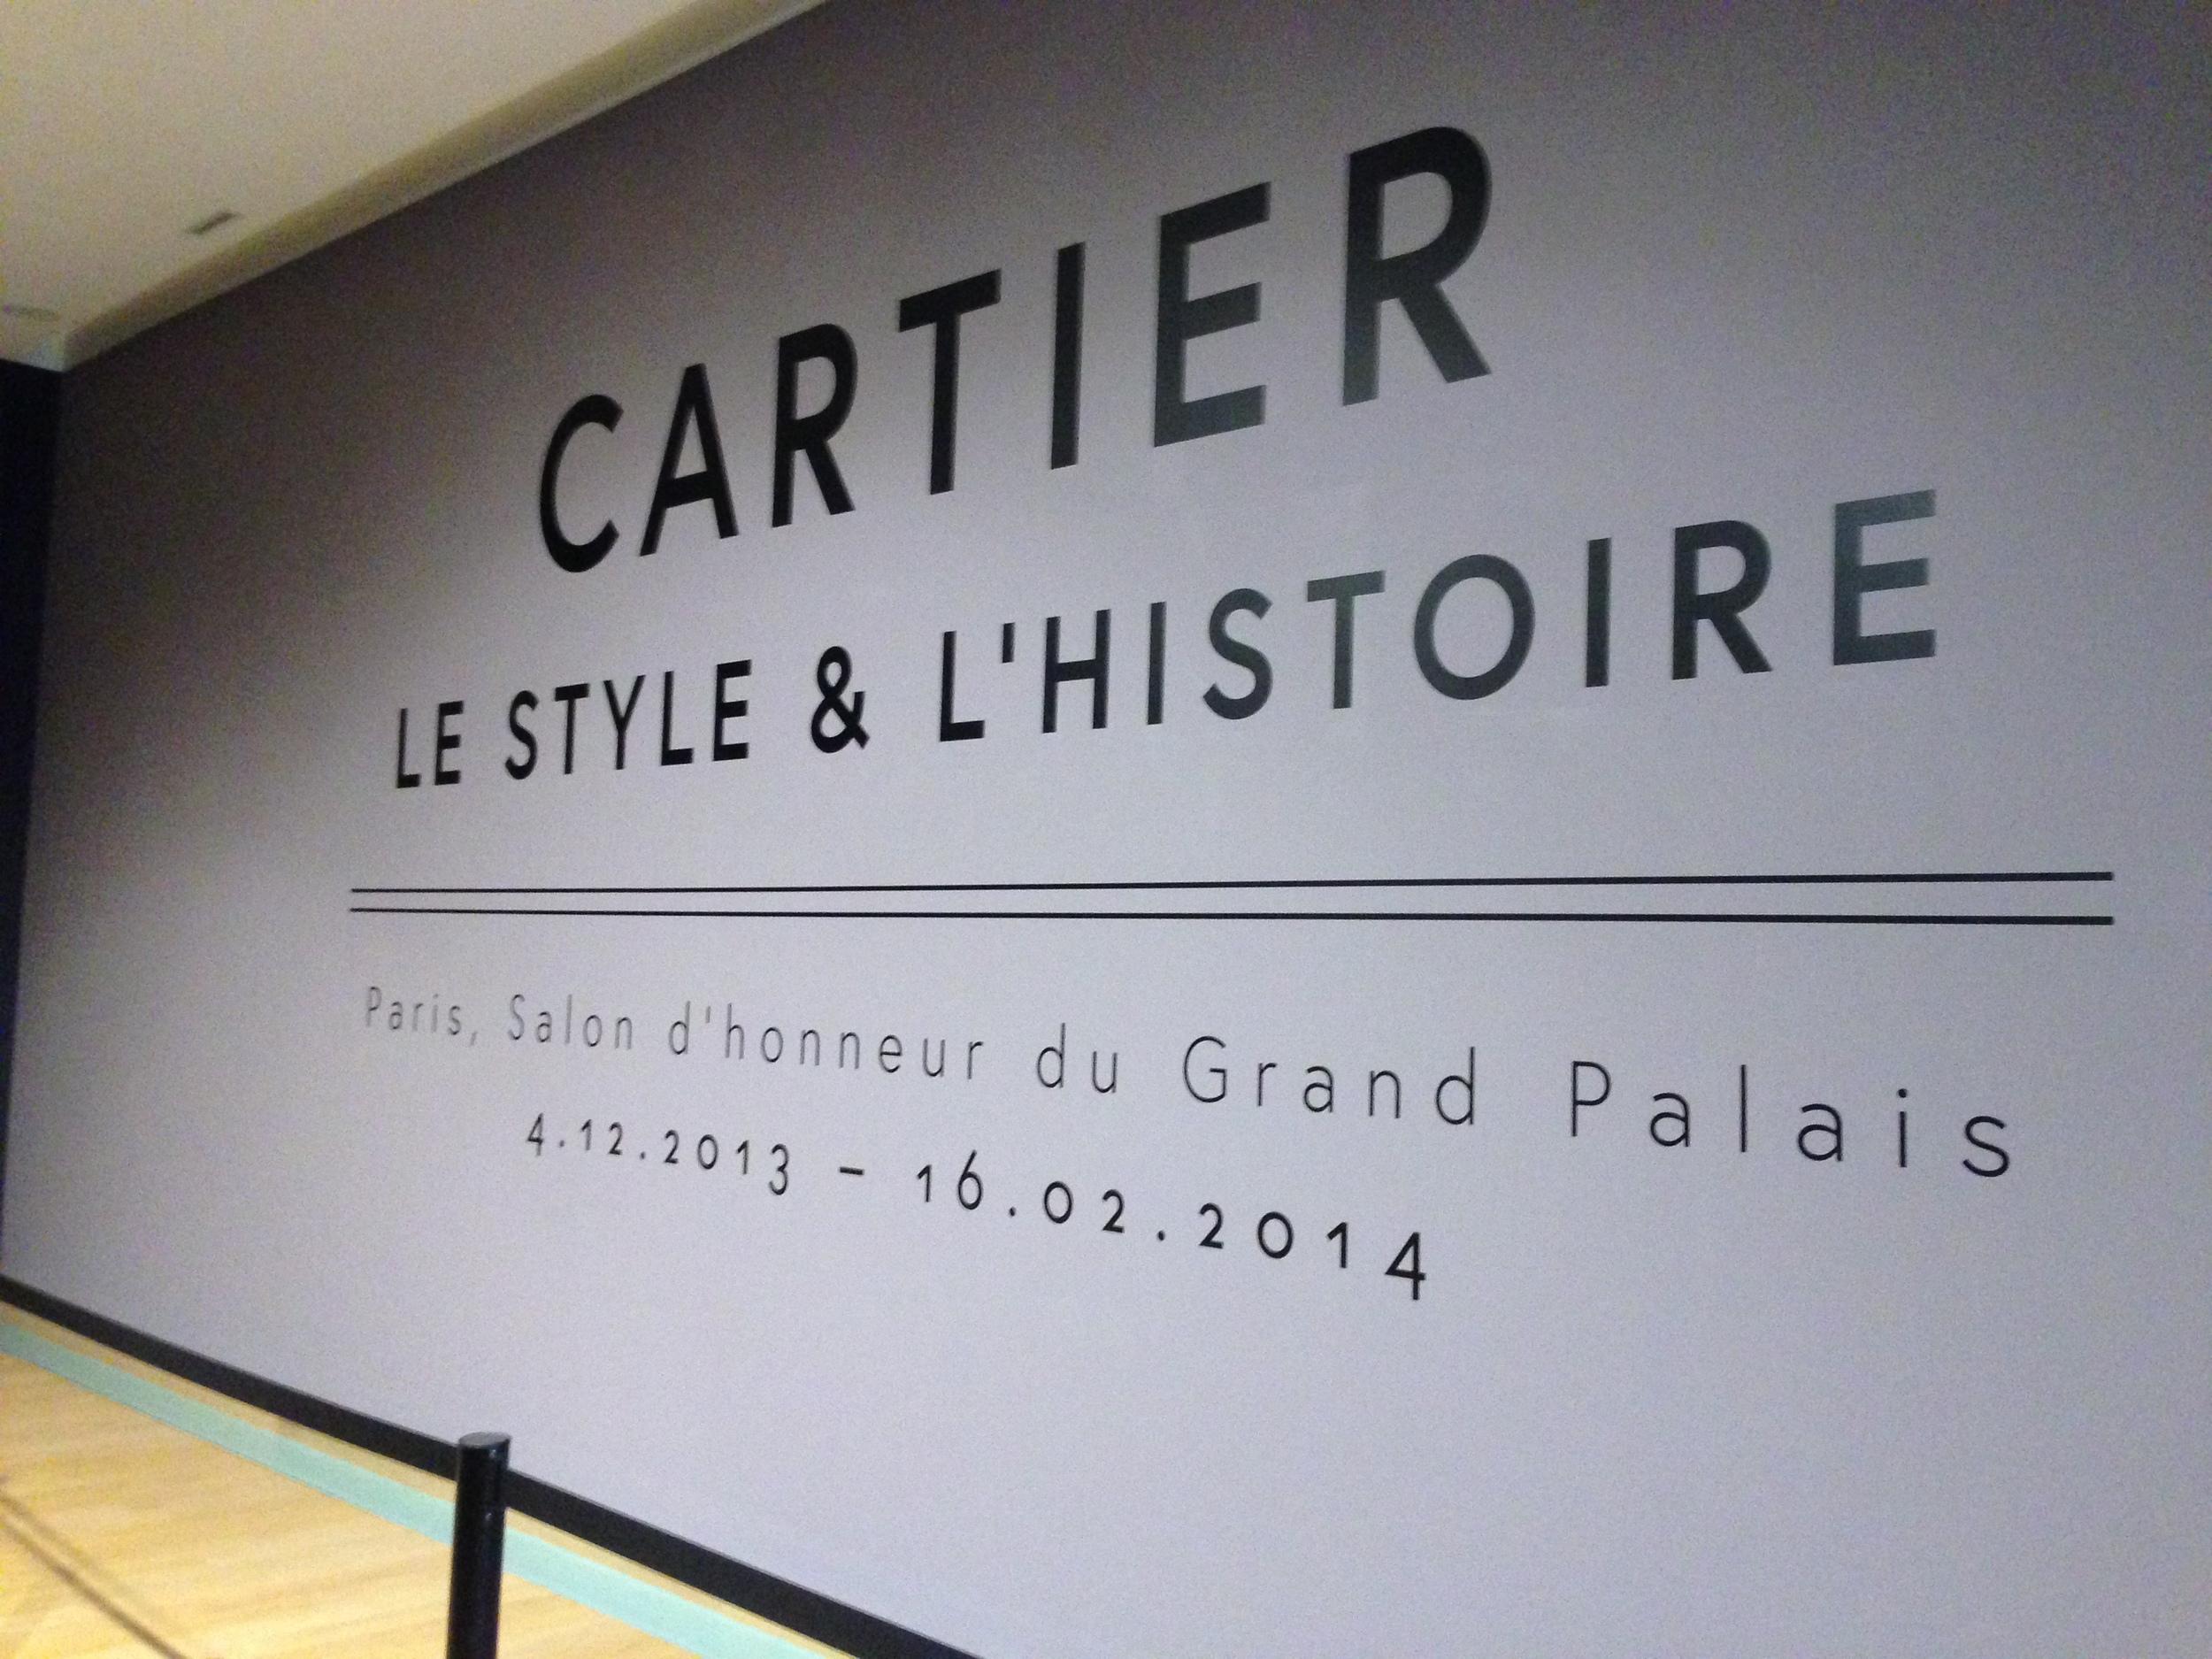 Cartier @ the Grand Palais, Paris 4.12.13